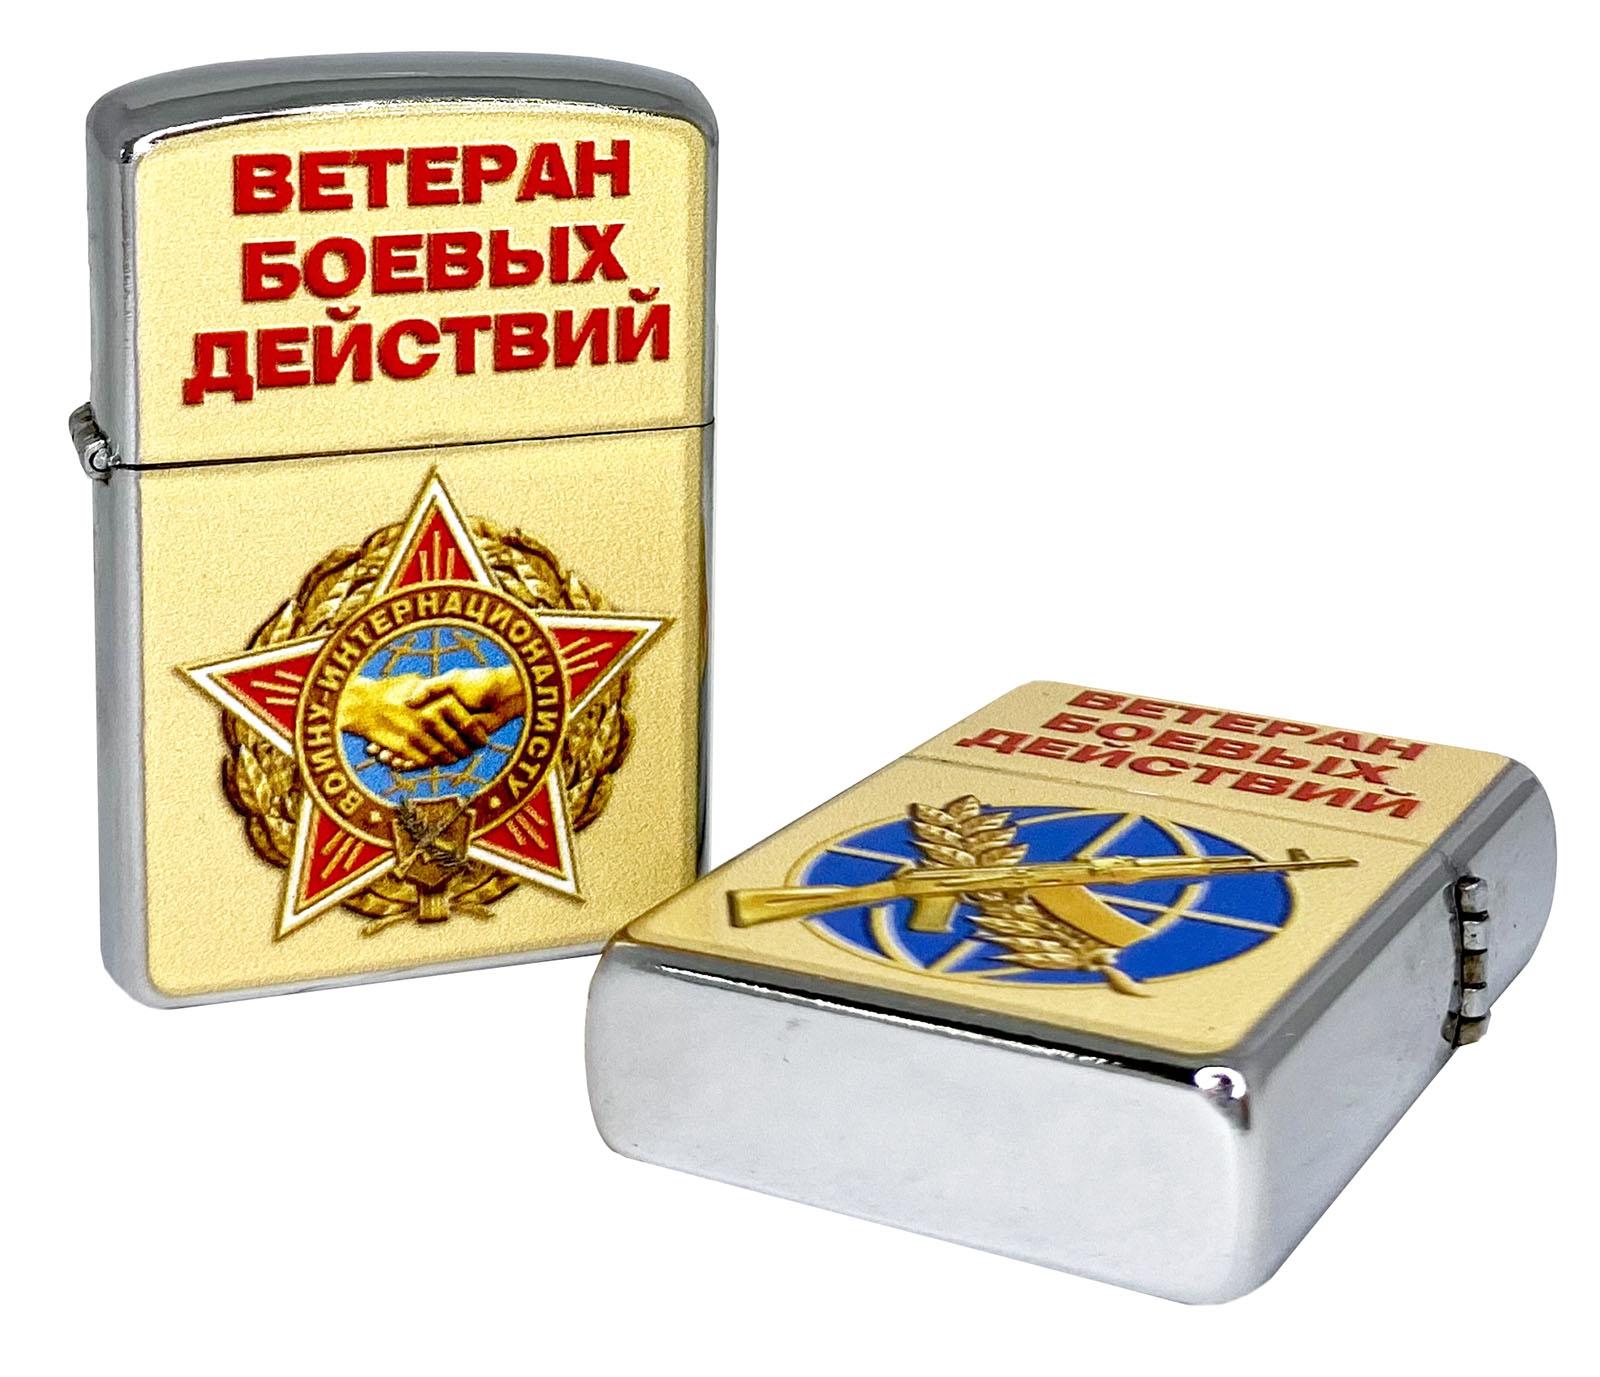 Стильная бензиновая зажигалка Ветеран боевых действий